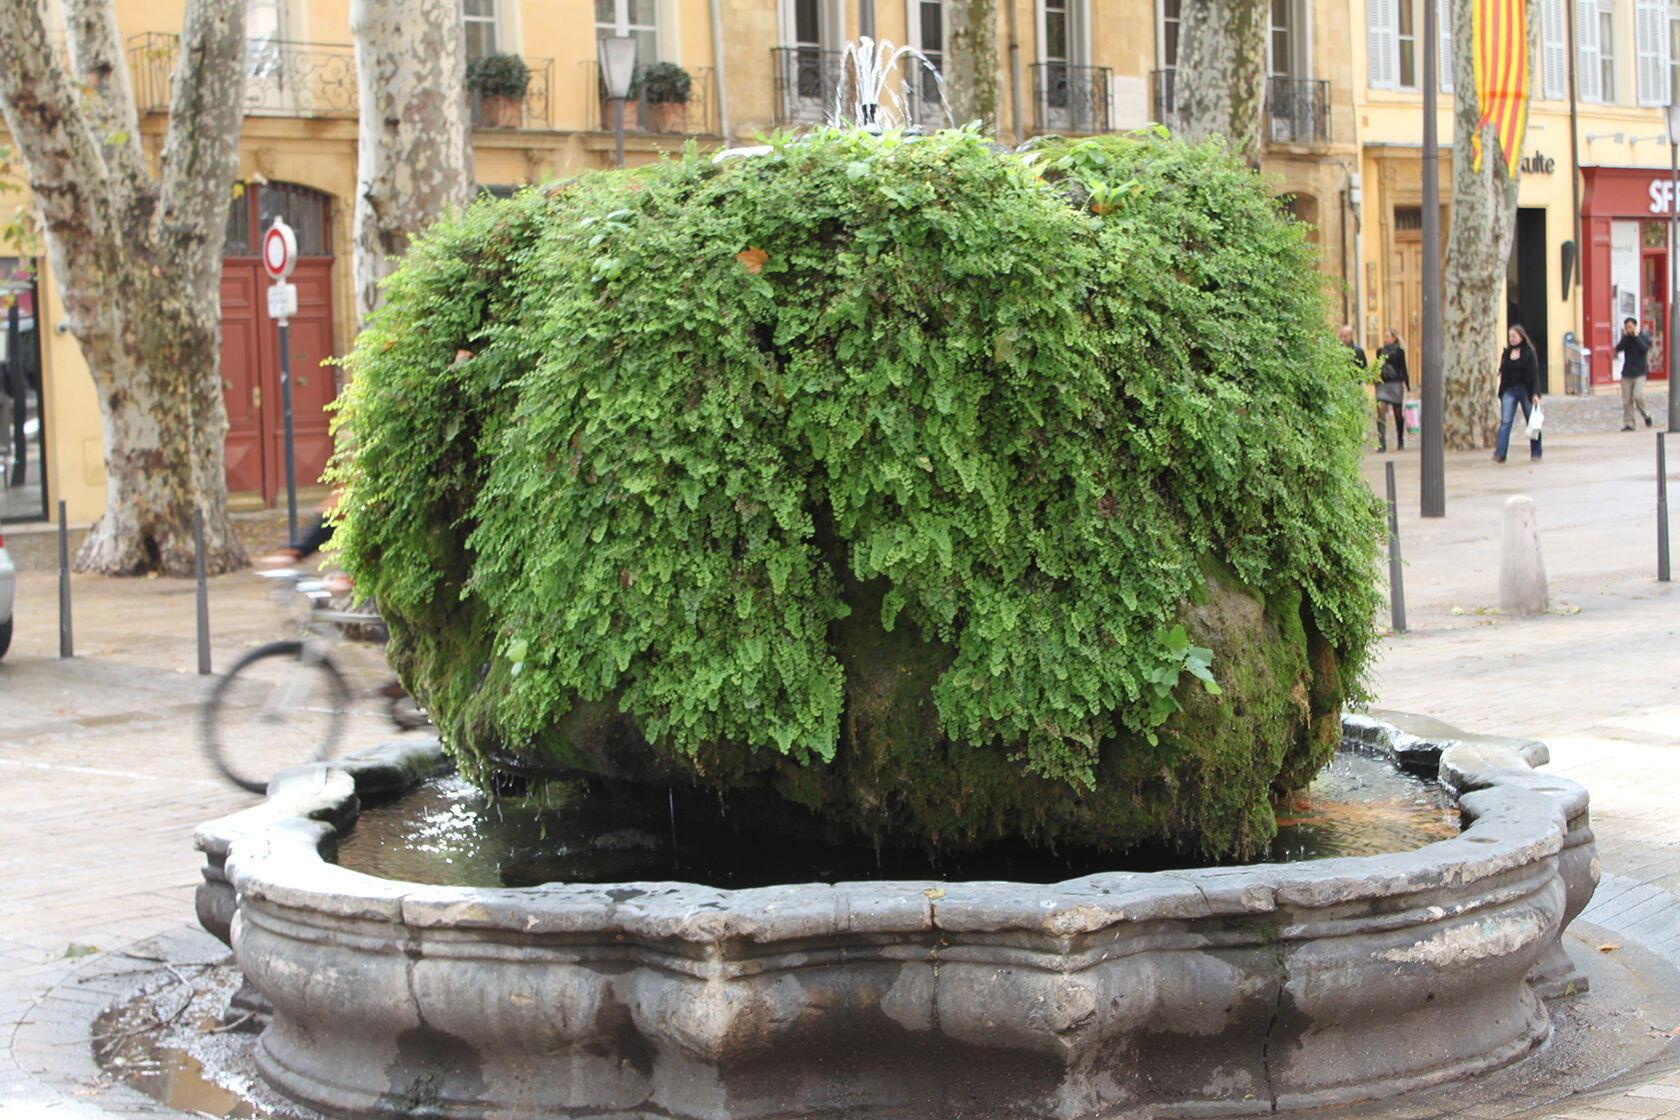 Fontaine moussue Aix-en-Provence